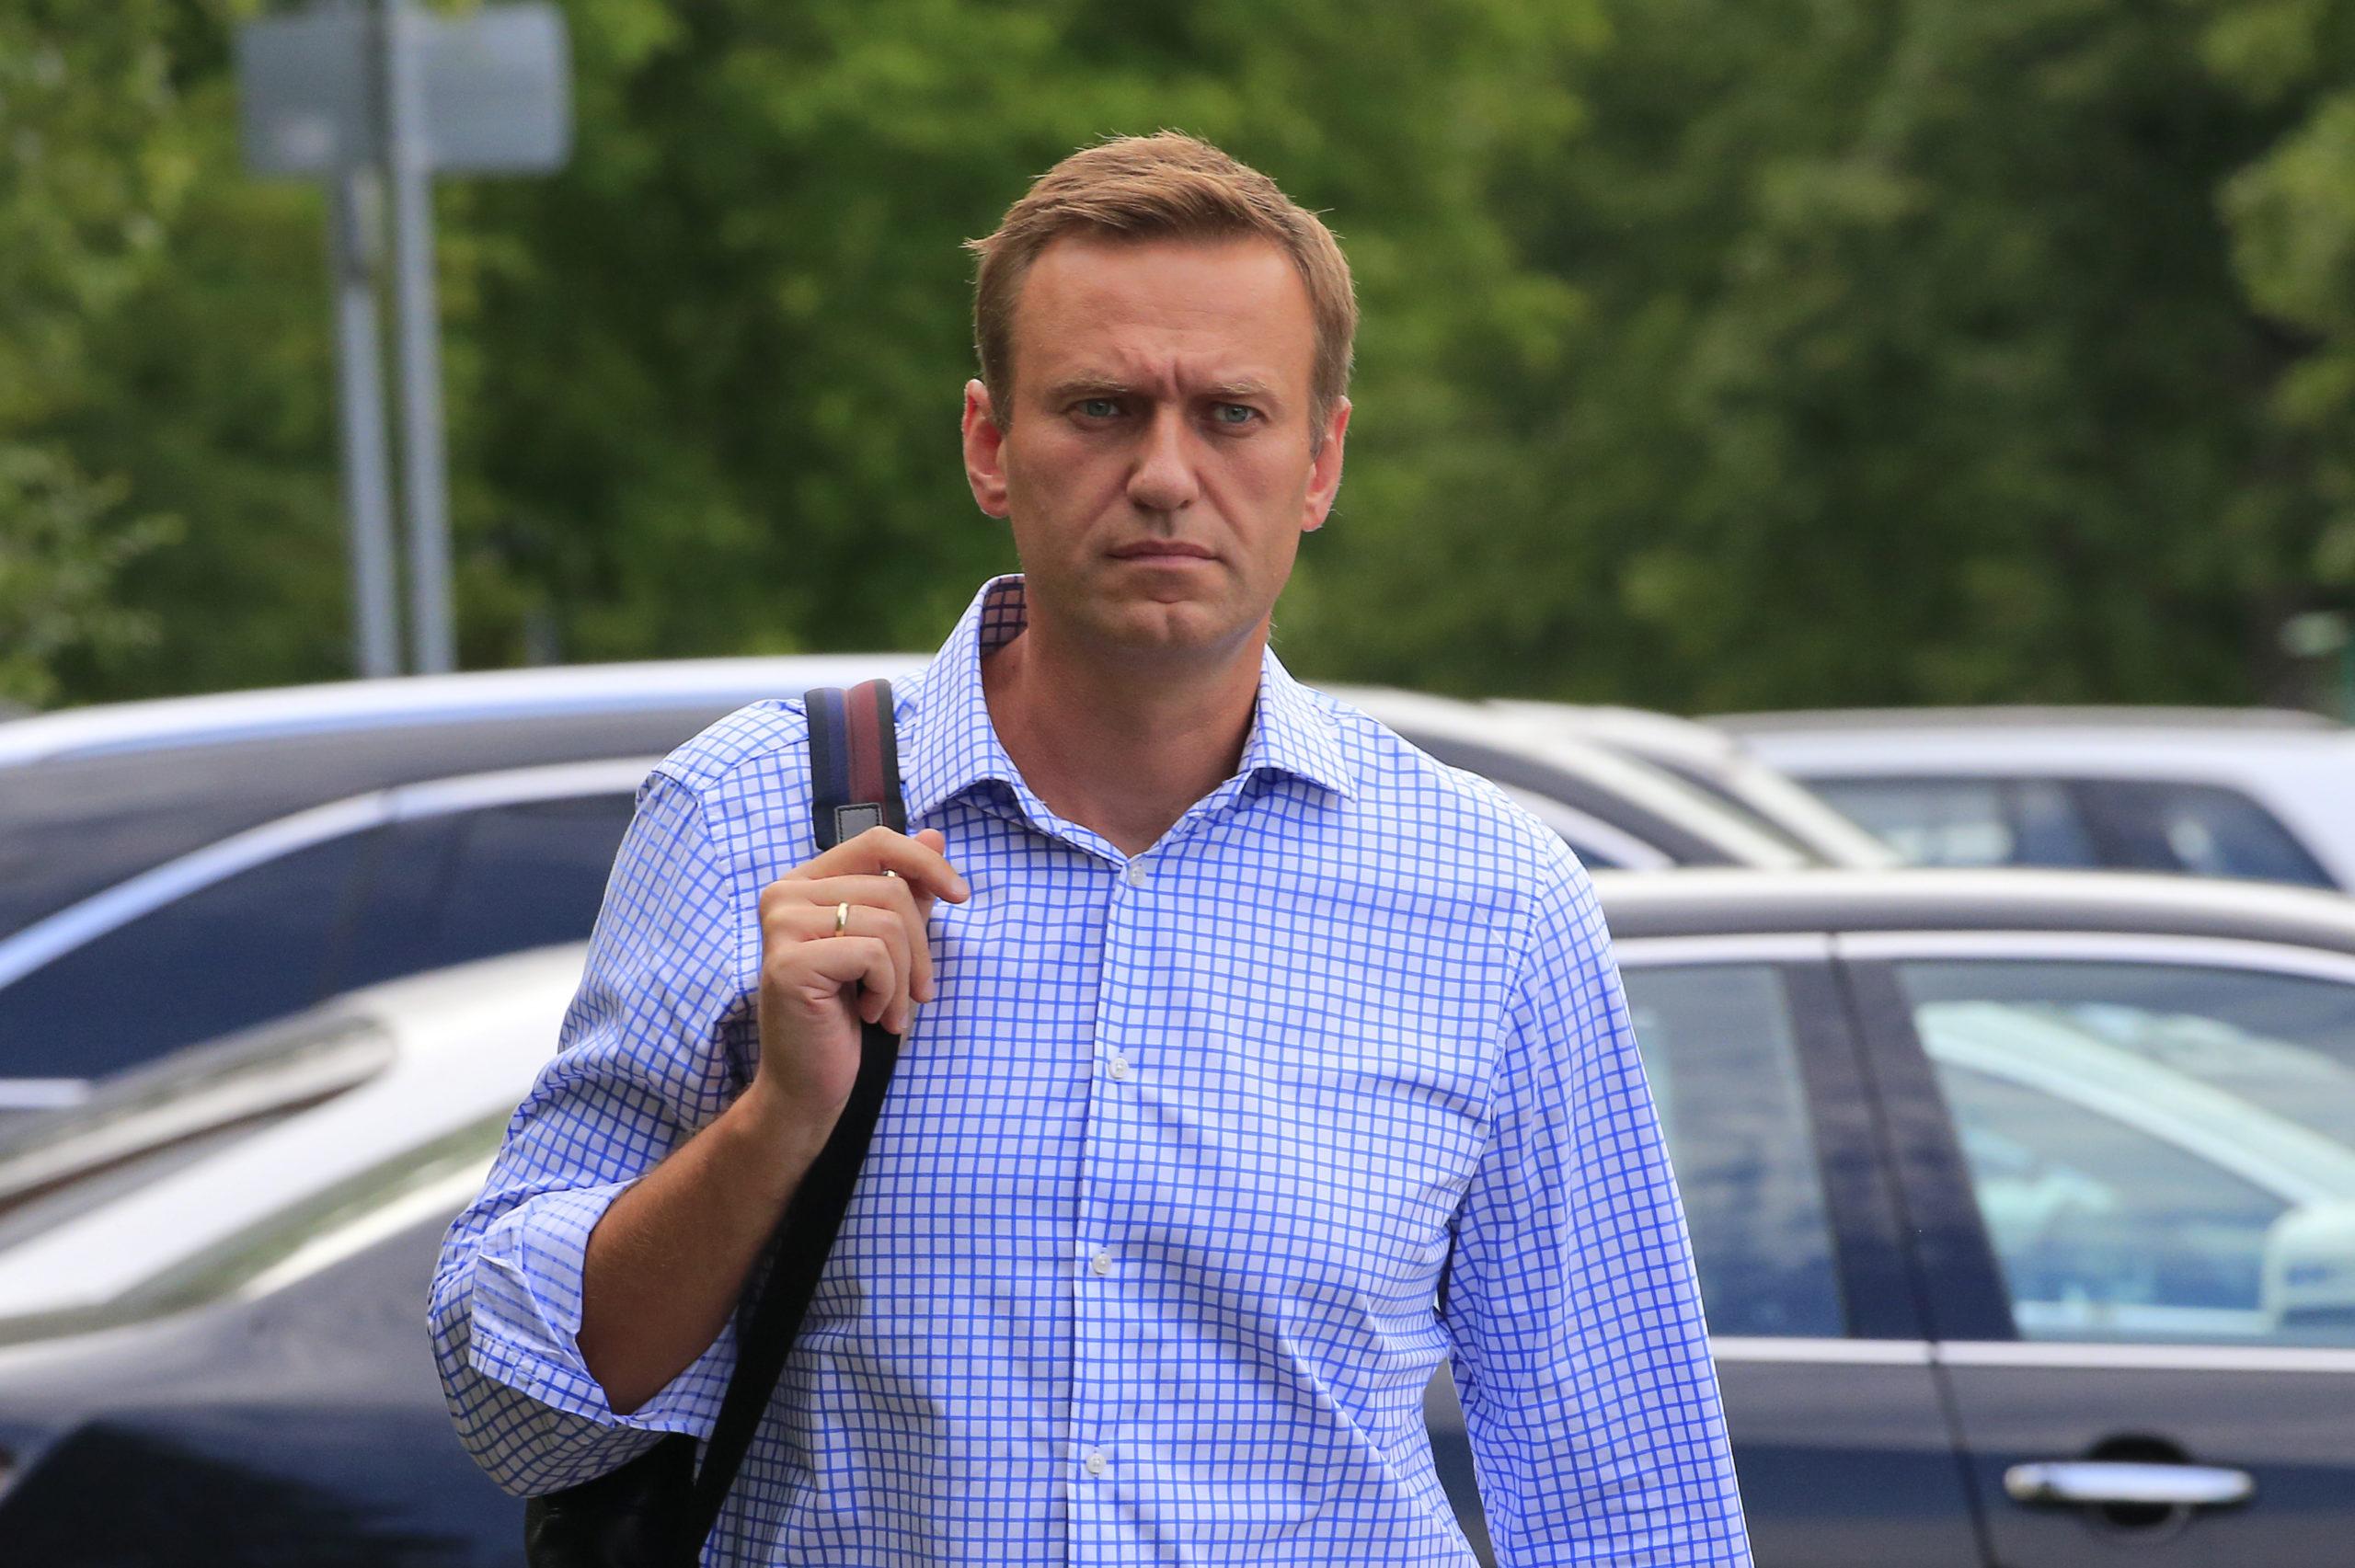 Deux laboratoires français et suédois confirment l'empoisonnement de Navalny, selon Berlin